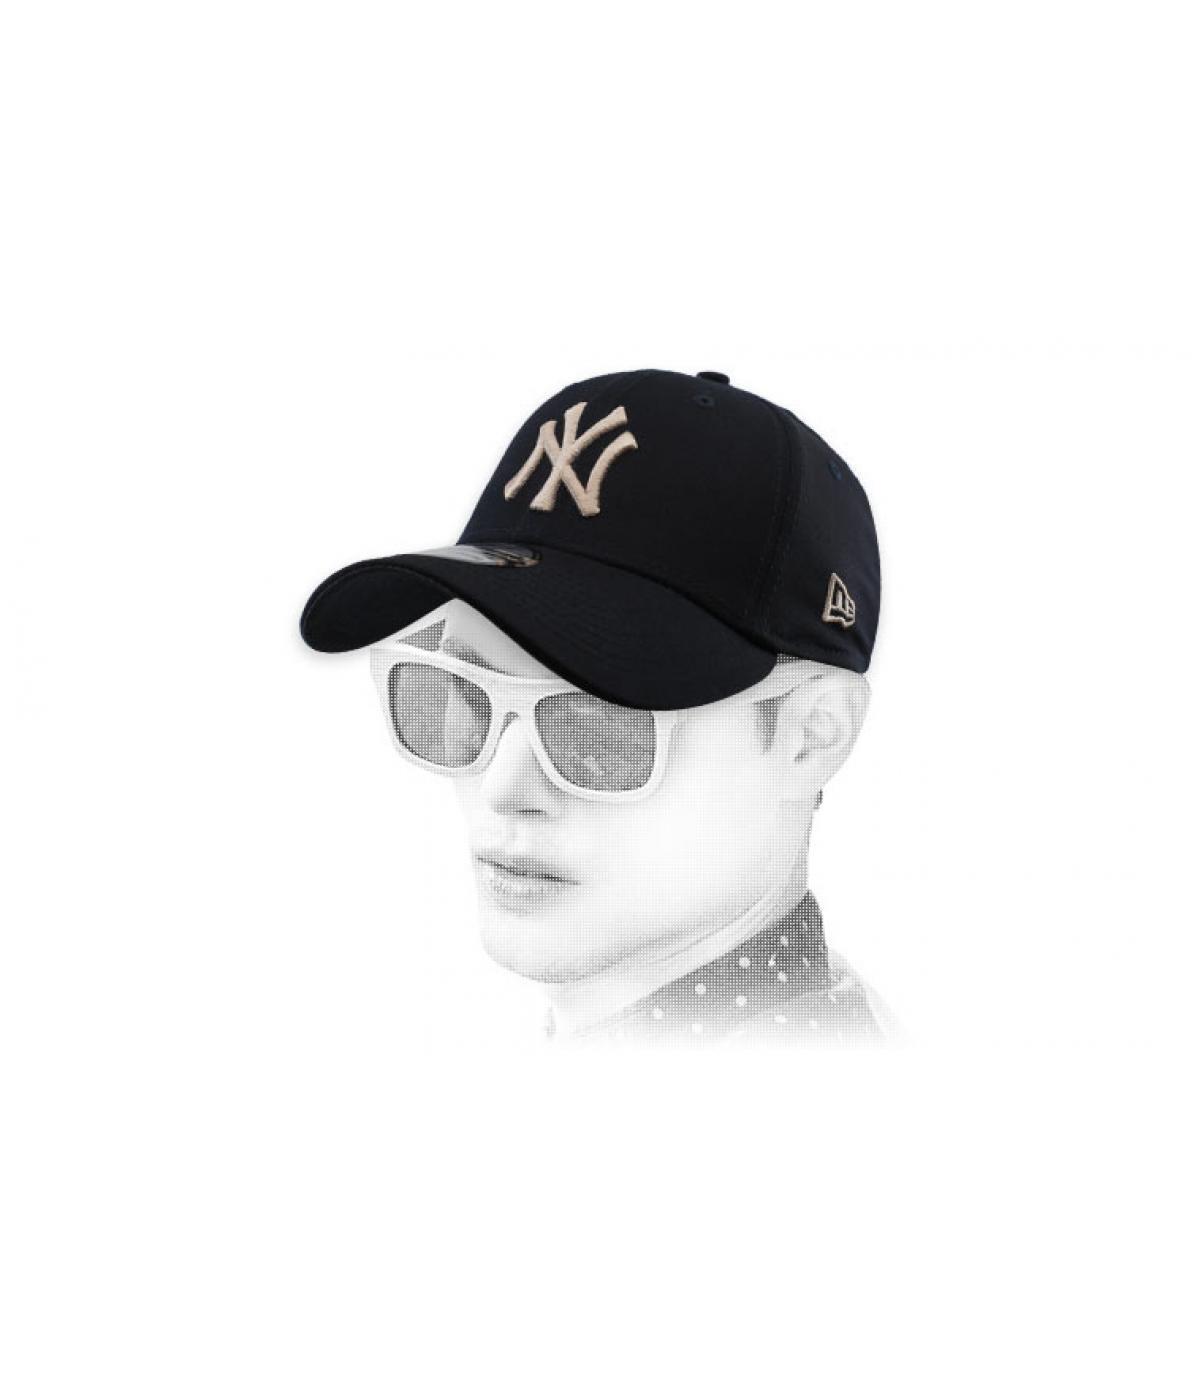 NY elasticizzato nero